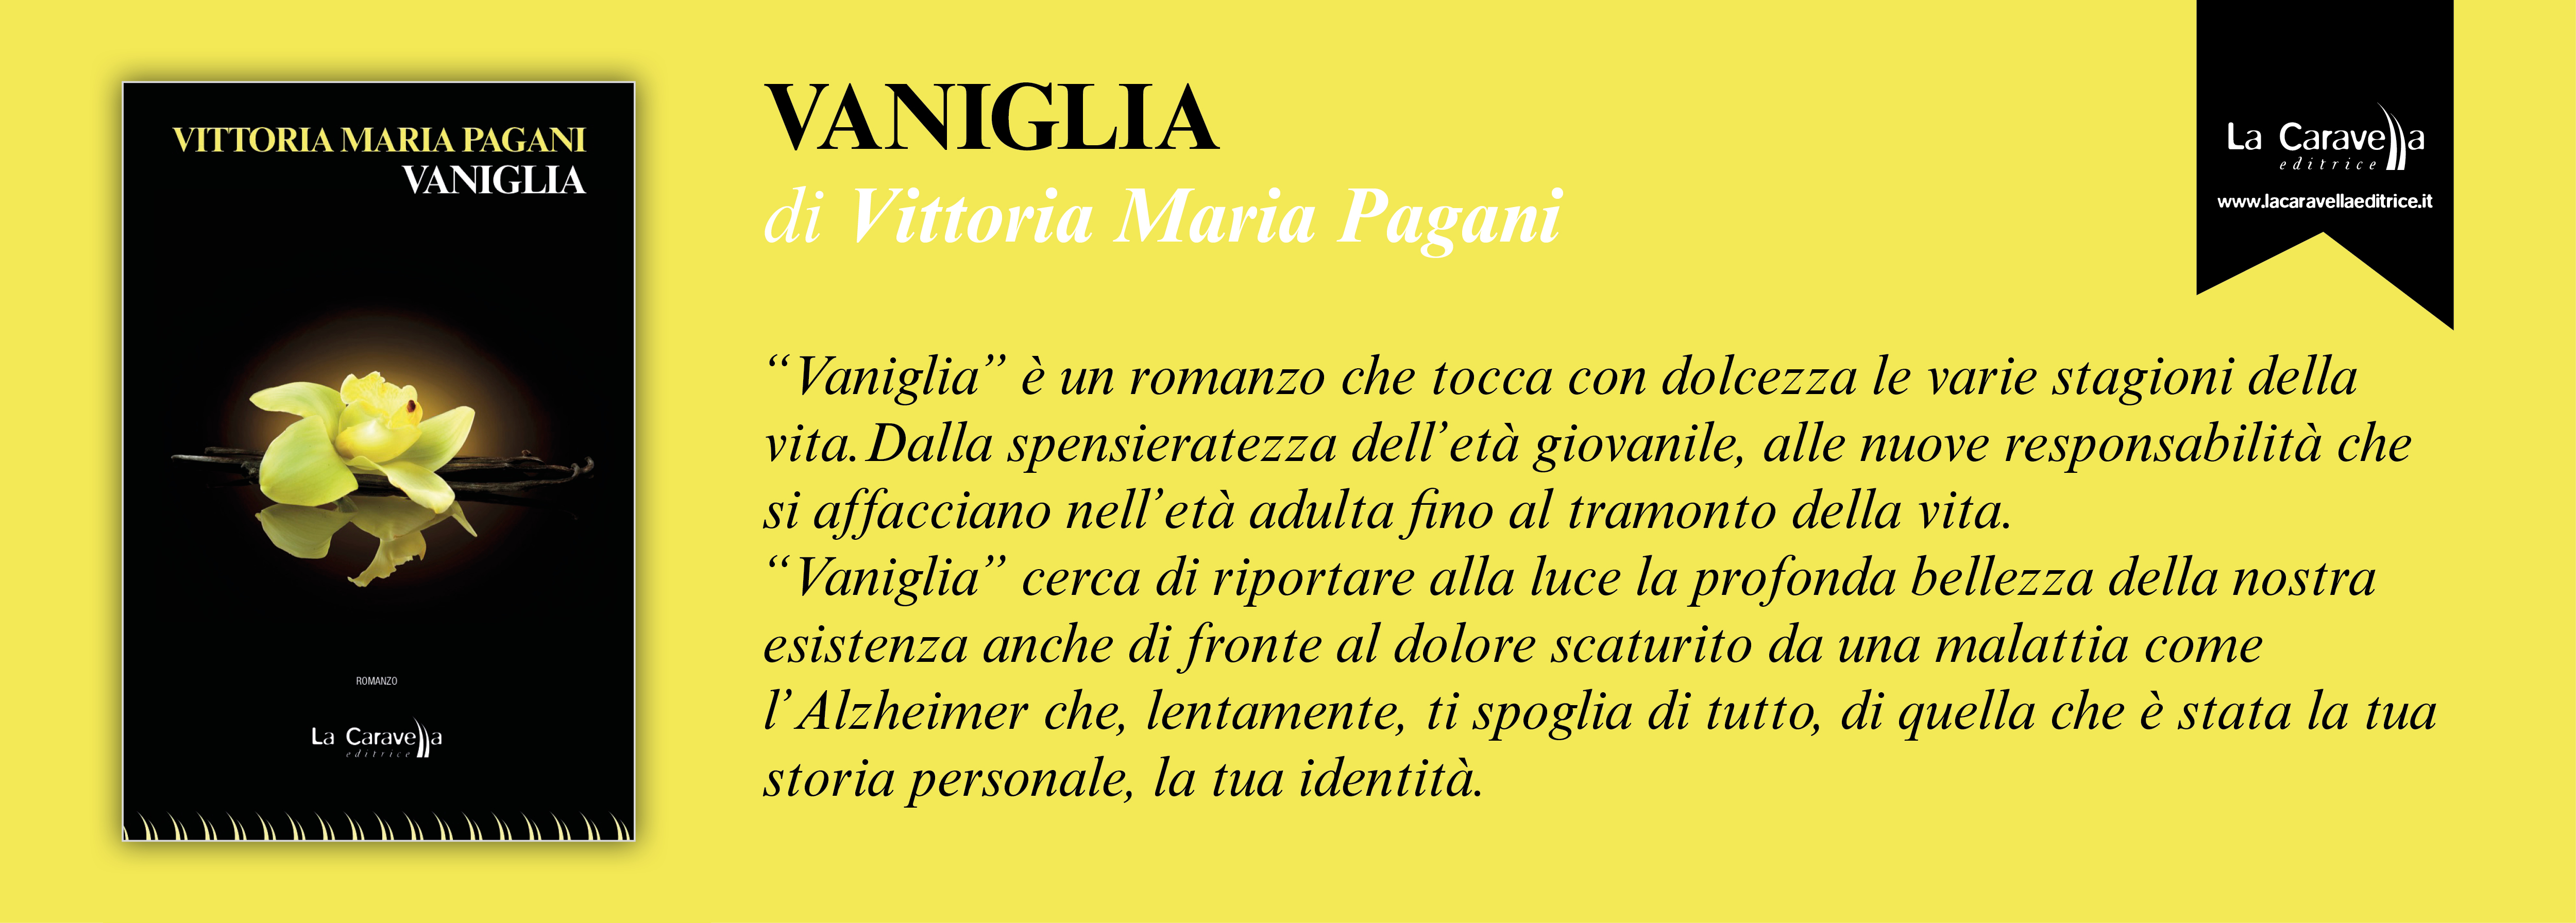 VANIGLIA di Vittoria Maria Pagani